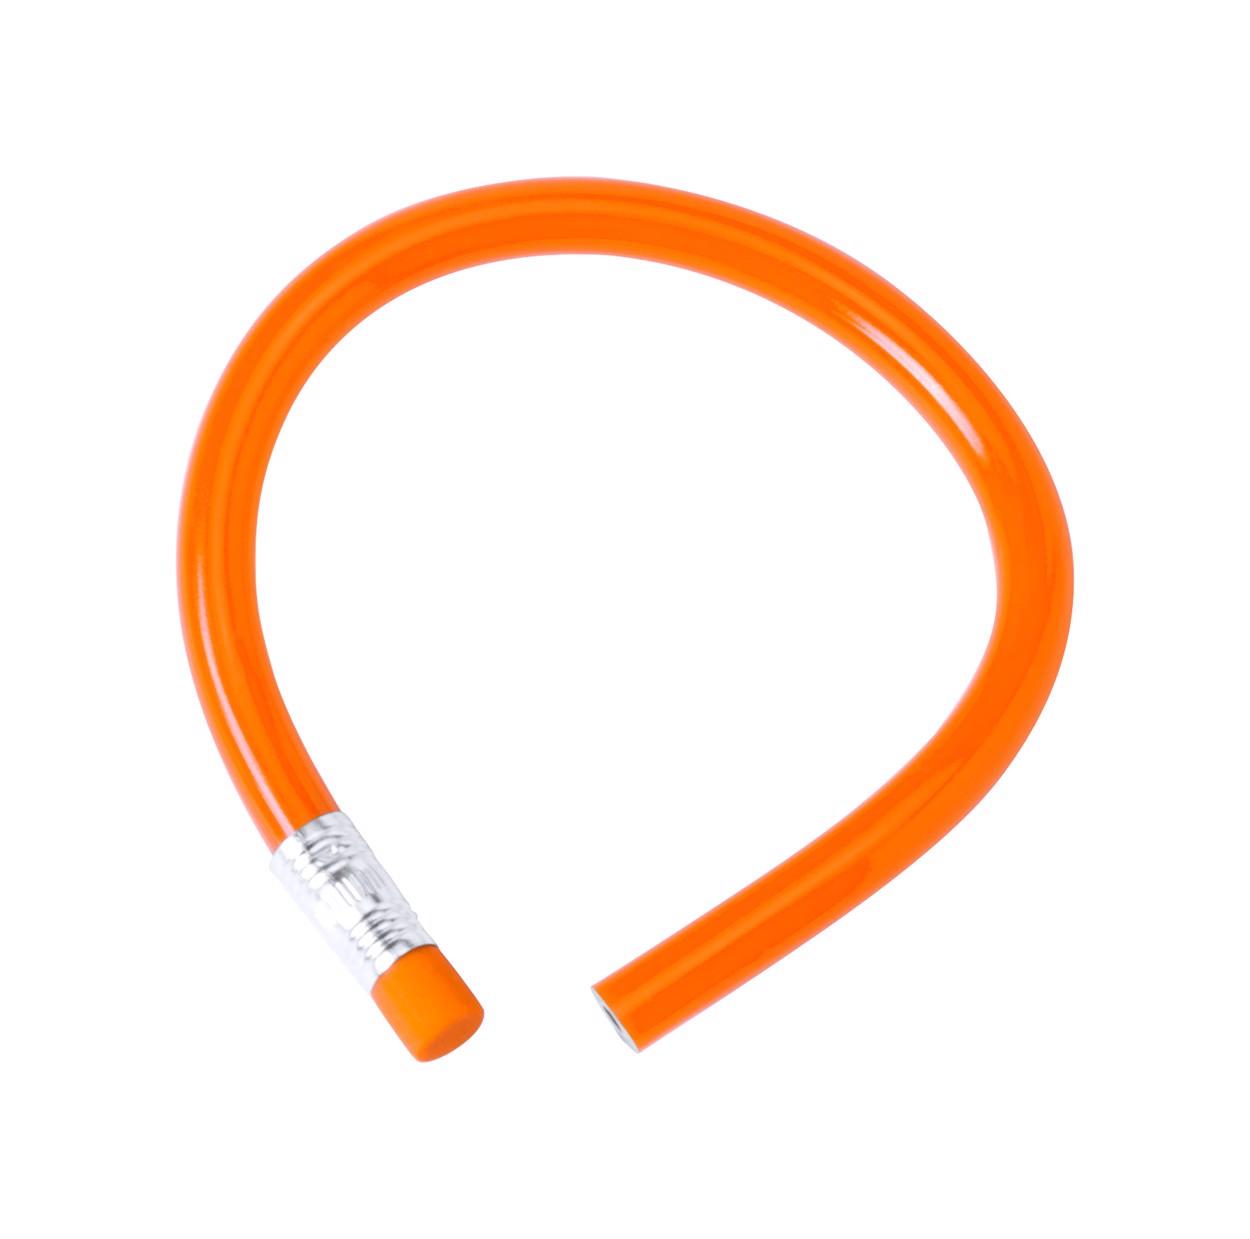 Ohebná Tužka Pimbur - Oranžová